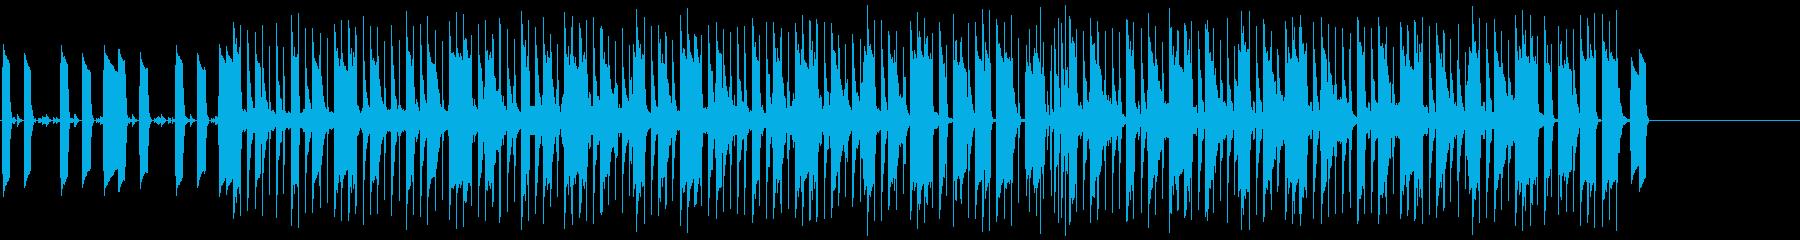 淡々として機械的な雰囲気のテクノの再生済みの波形